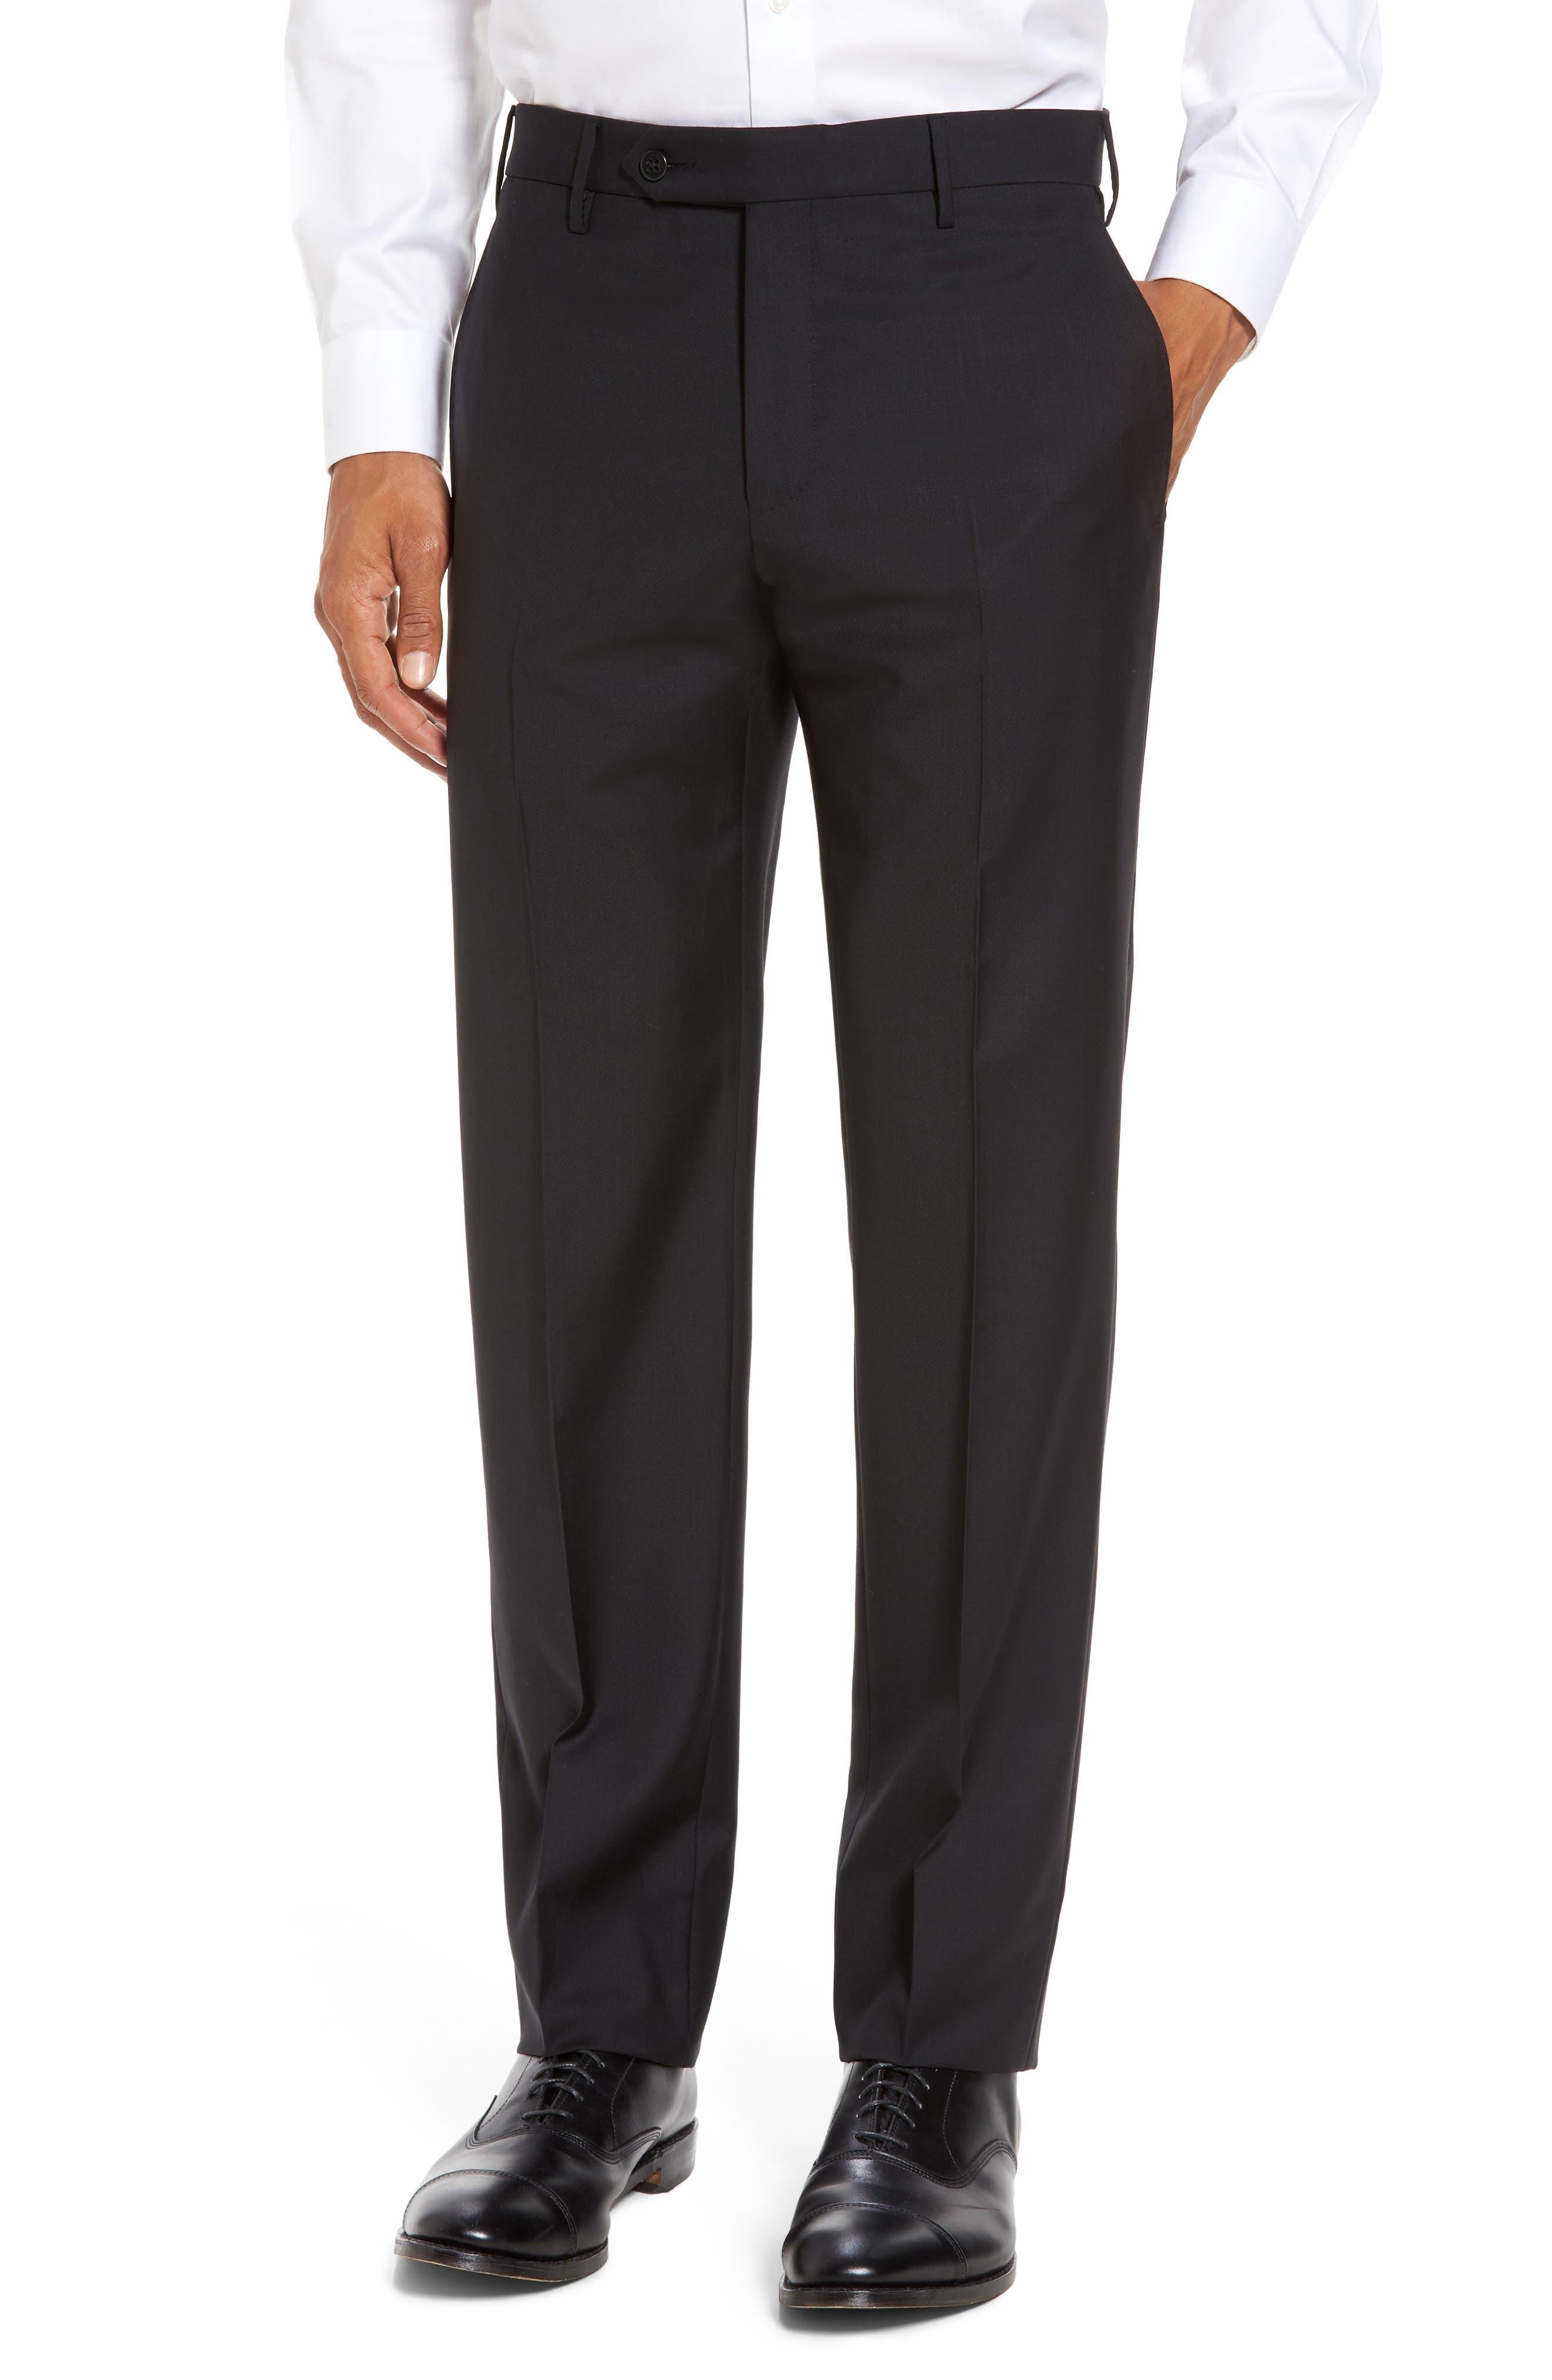 ZANELLA Parker Flat Front Sharkskin Wool Trousers in Black